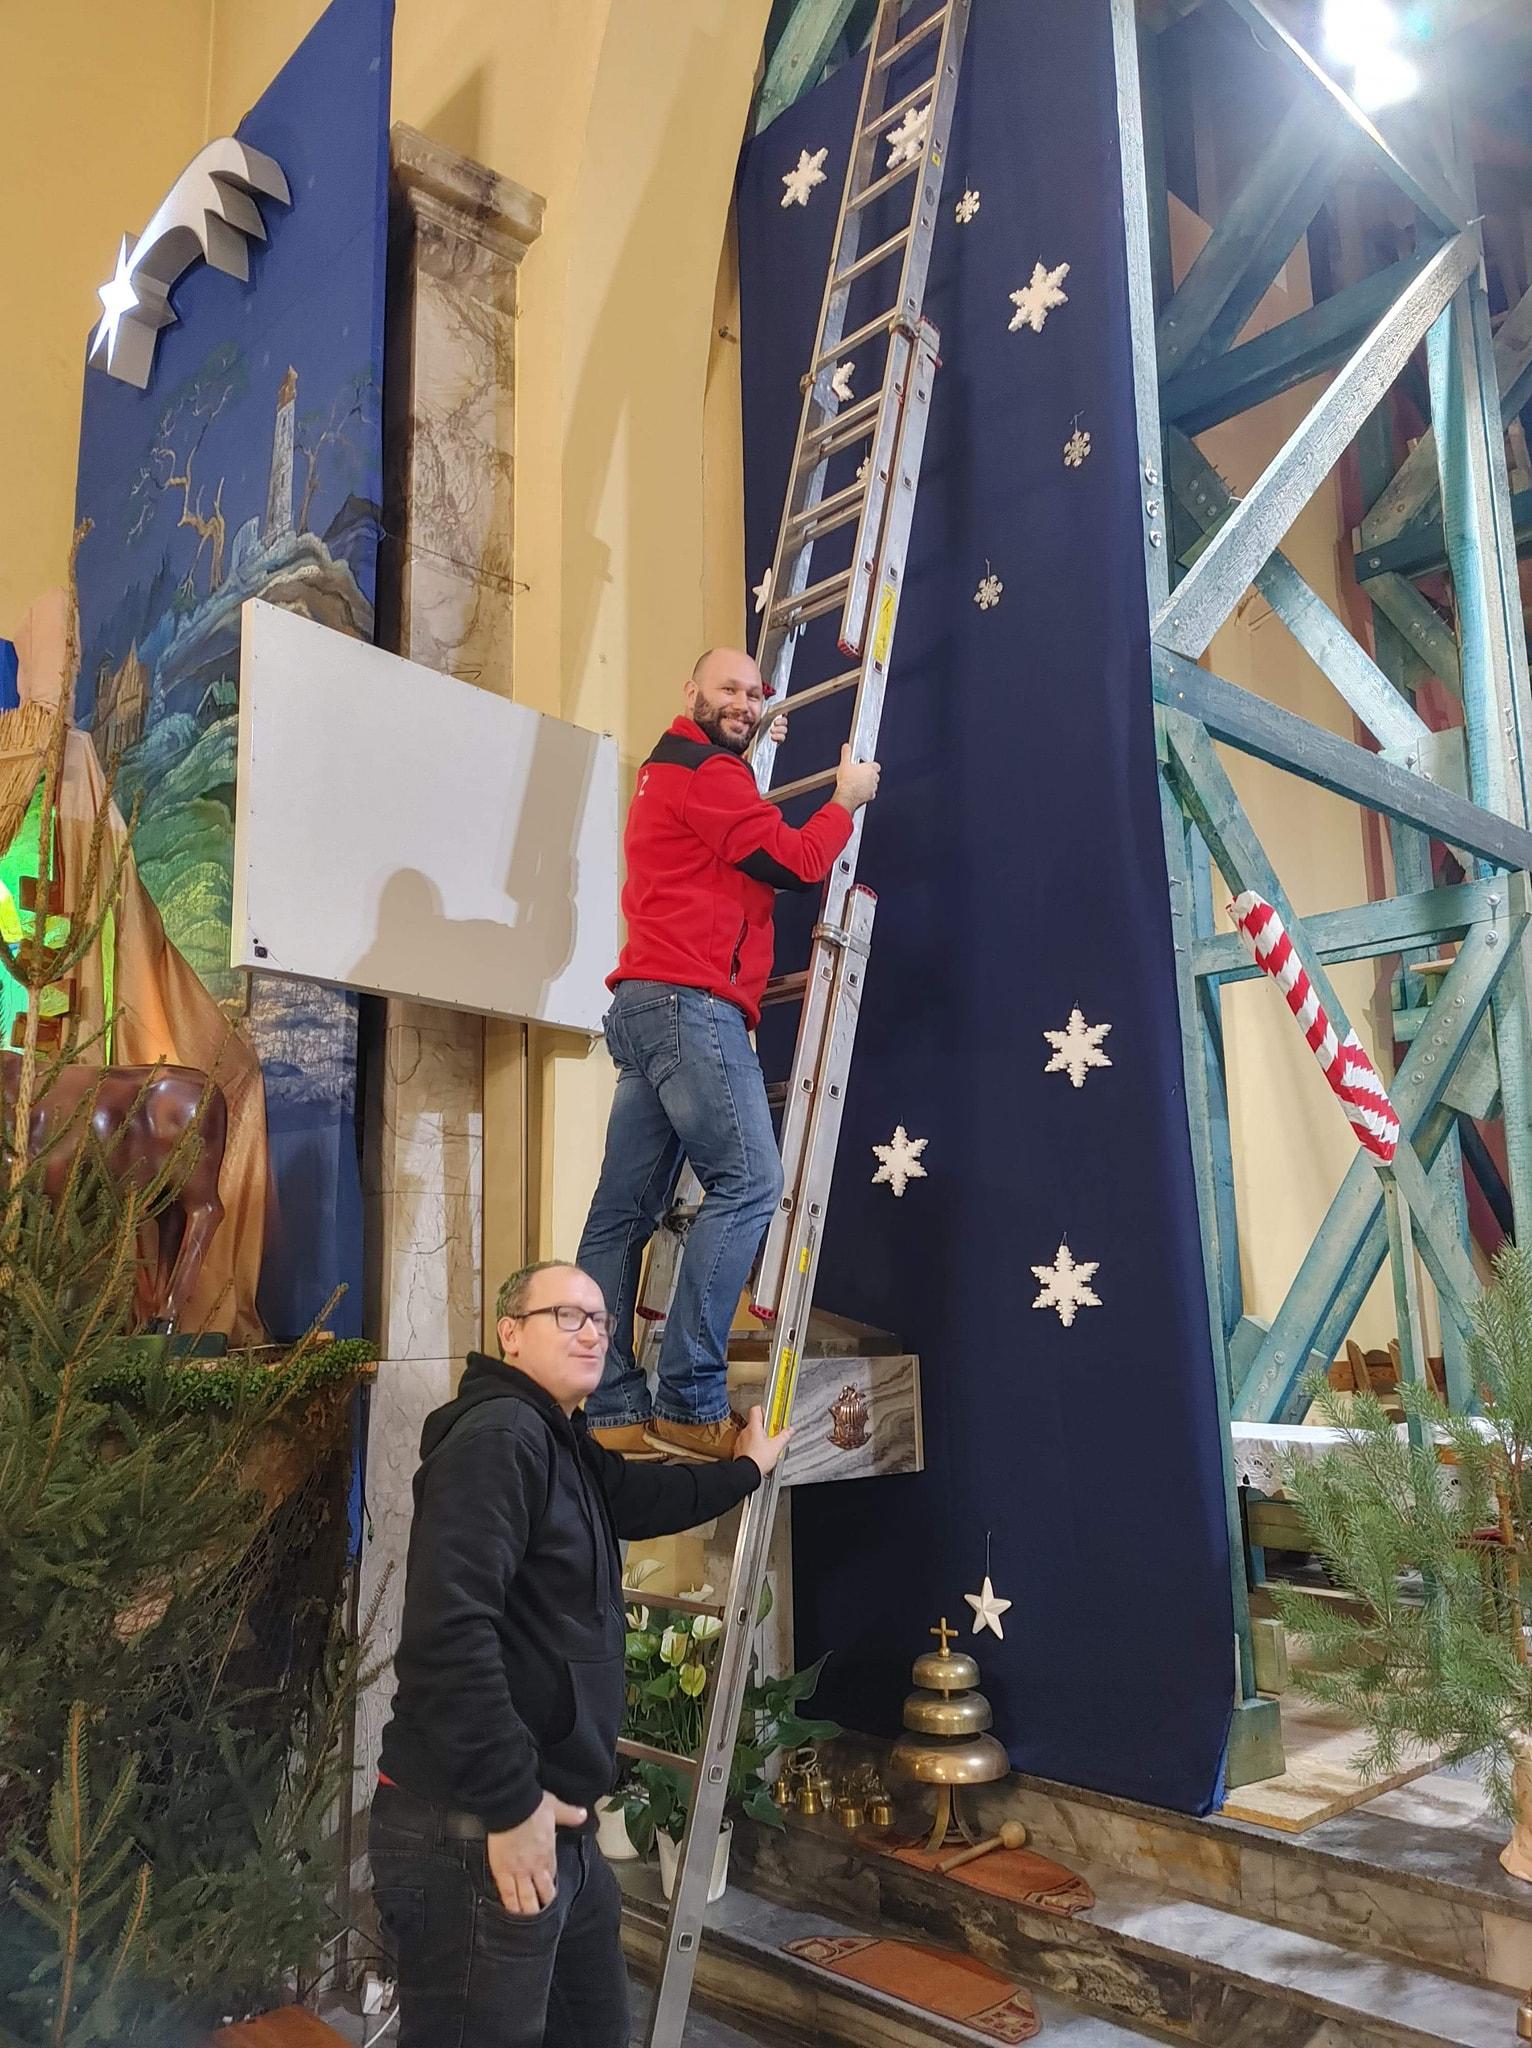 Strażacy z OSP Hel dekorowali kościelne wnętrze: Zawieś gwiazdkę Jezuskowi | ZDJĘCIA